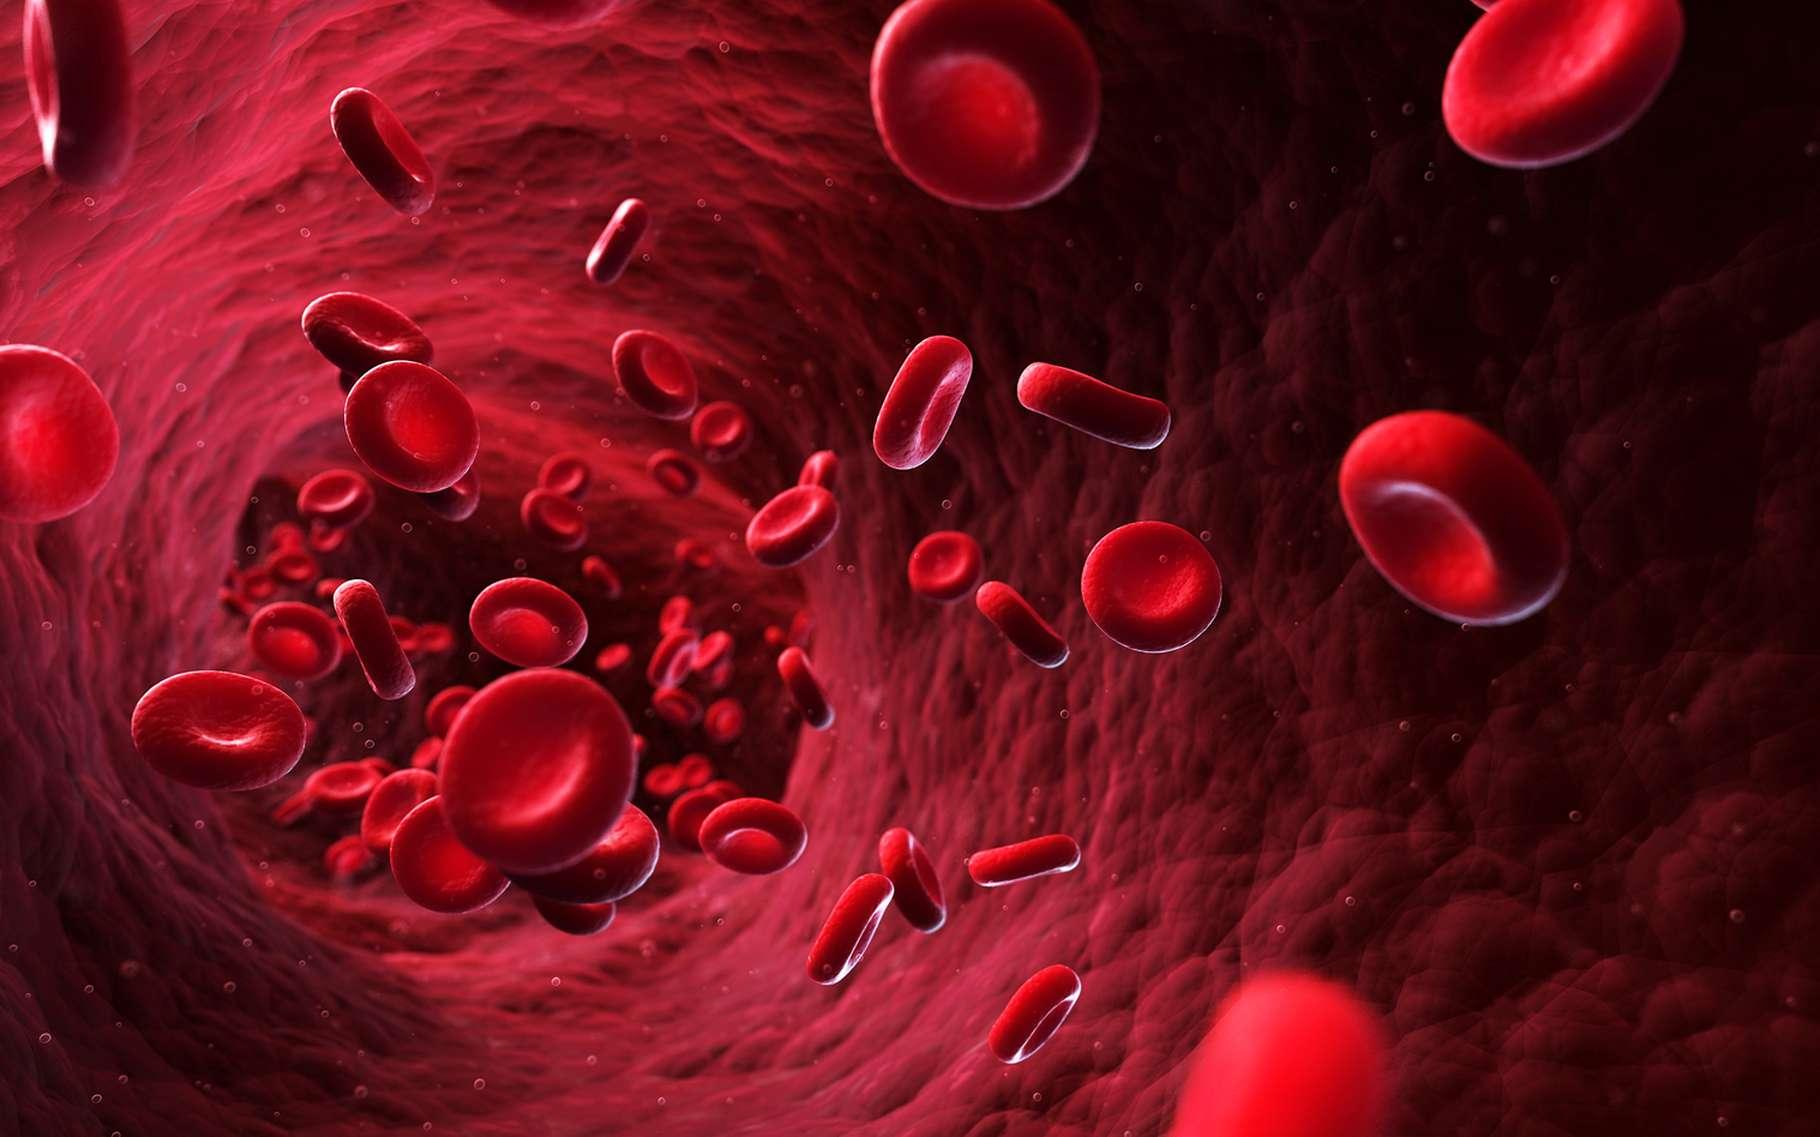 Le taux d'hématocrite se visualise par la proportion du volume de globules rouges par rapport au volume total du sang. © Sebastian Kaulitzki, Shutterstock